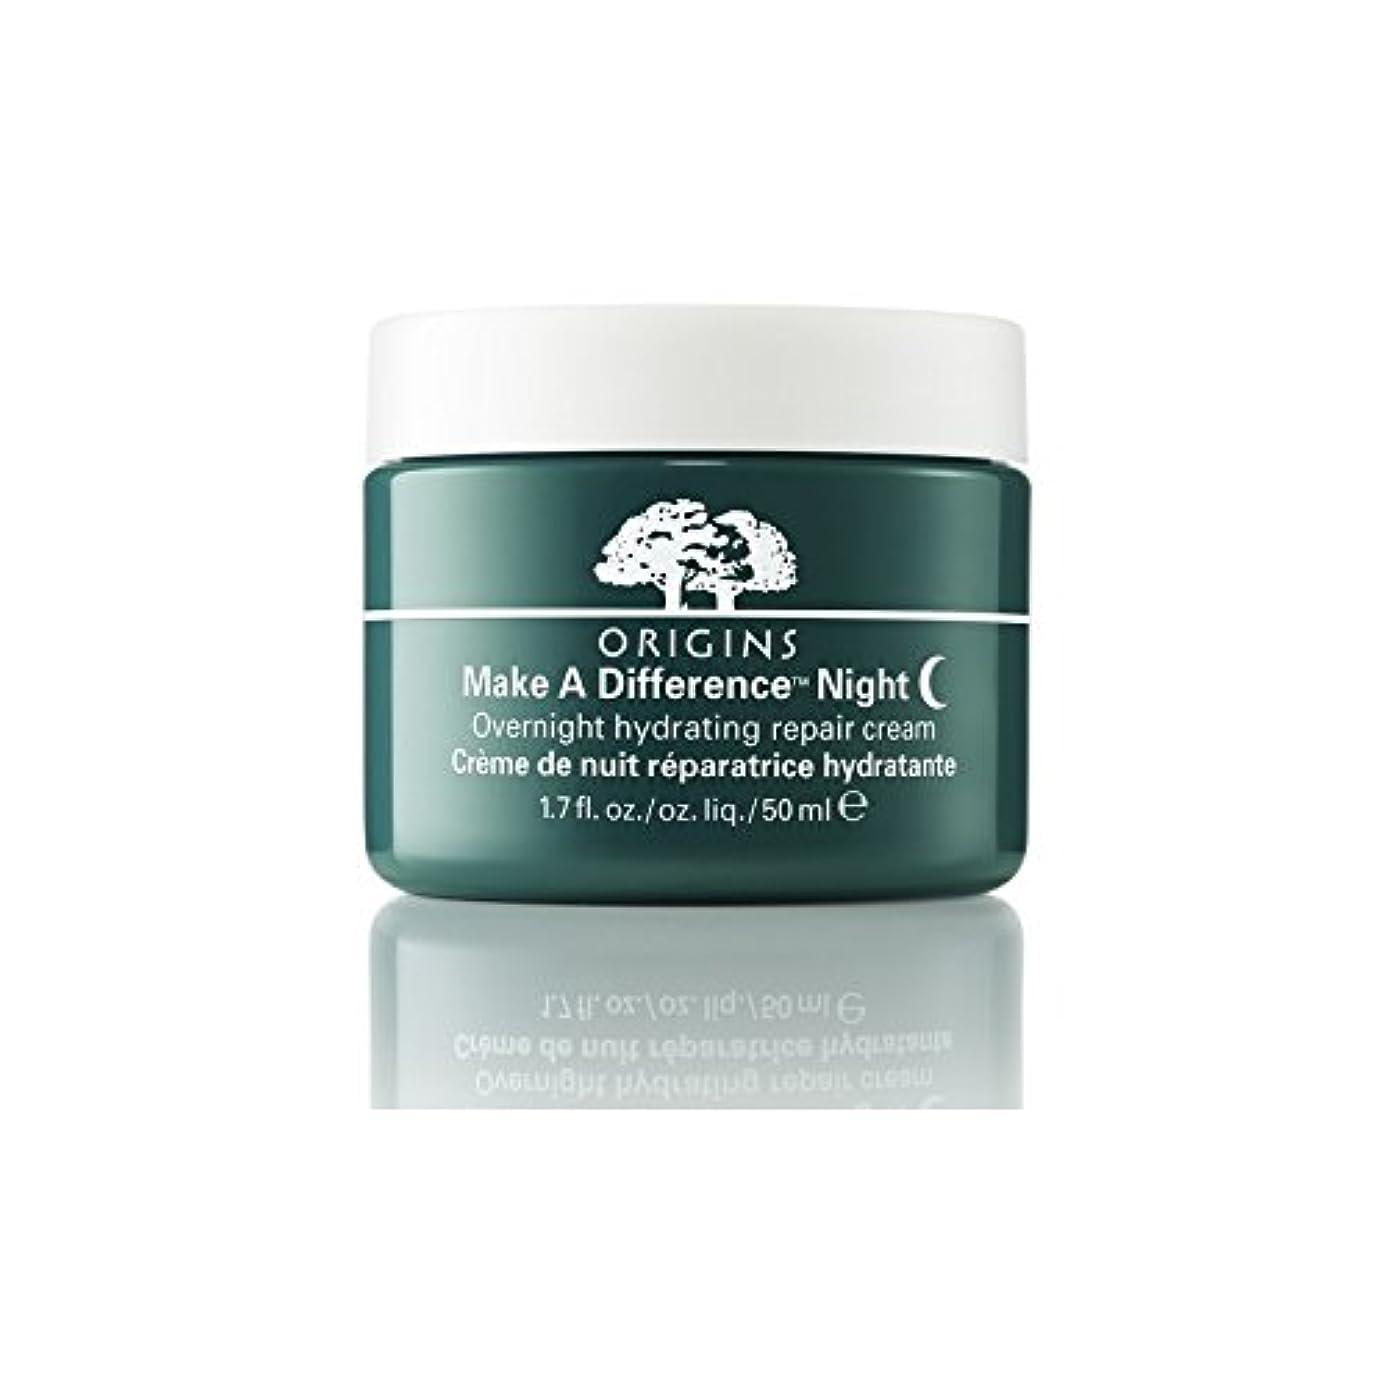 ご覧ください条件付きスポンジOrigins Make A Difference Overnight Hydrating Repair Cream 50ml - 起源は違い、一晩水和リペアクリーム50ミリリットルを作ります [並行輸入品]